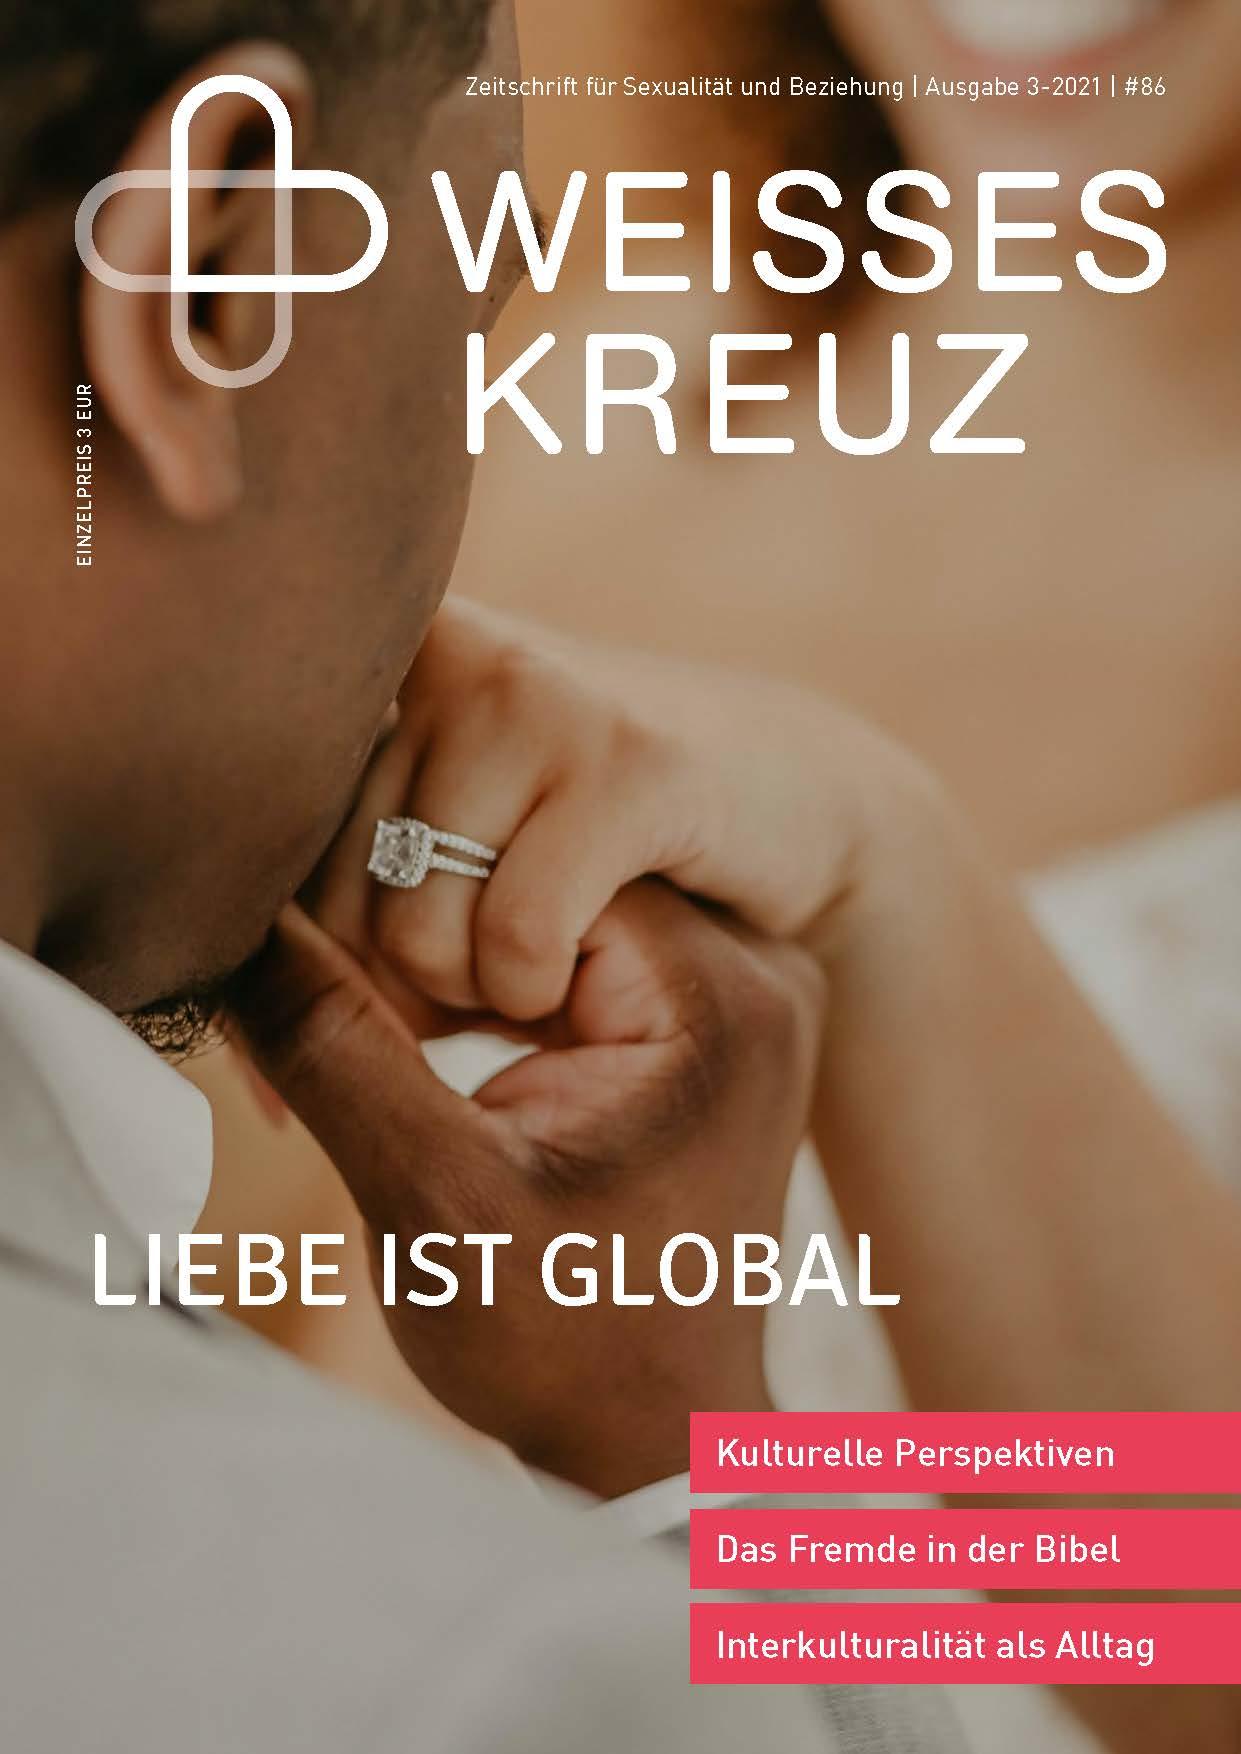 ZEITSCHRIFT - LIEBE IST GLOBAL - NR. 86